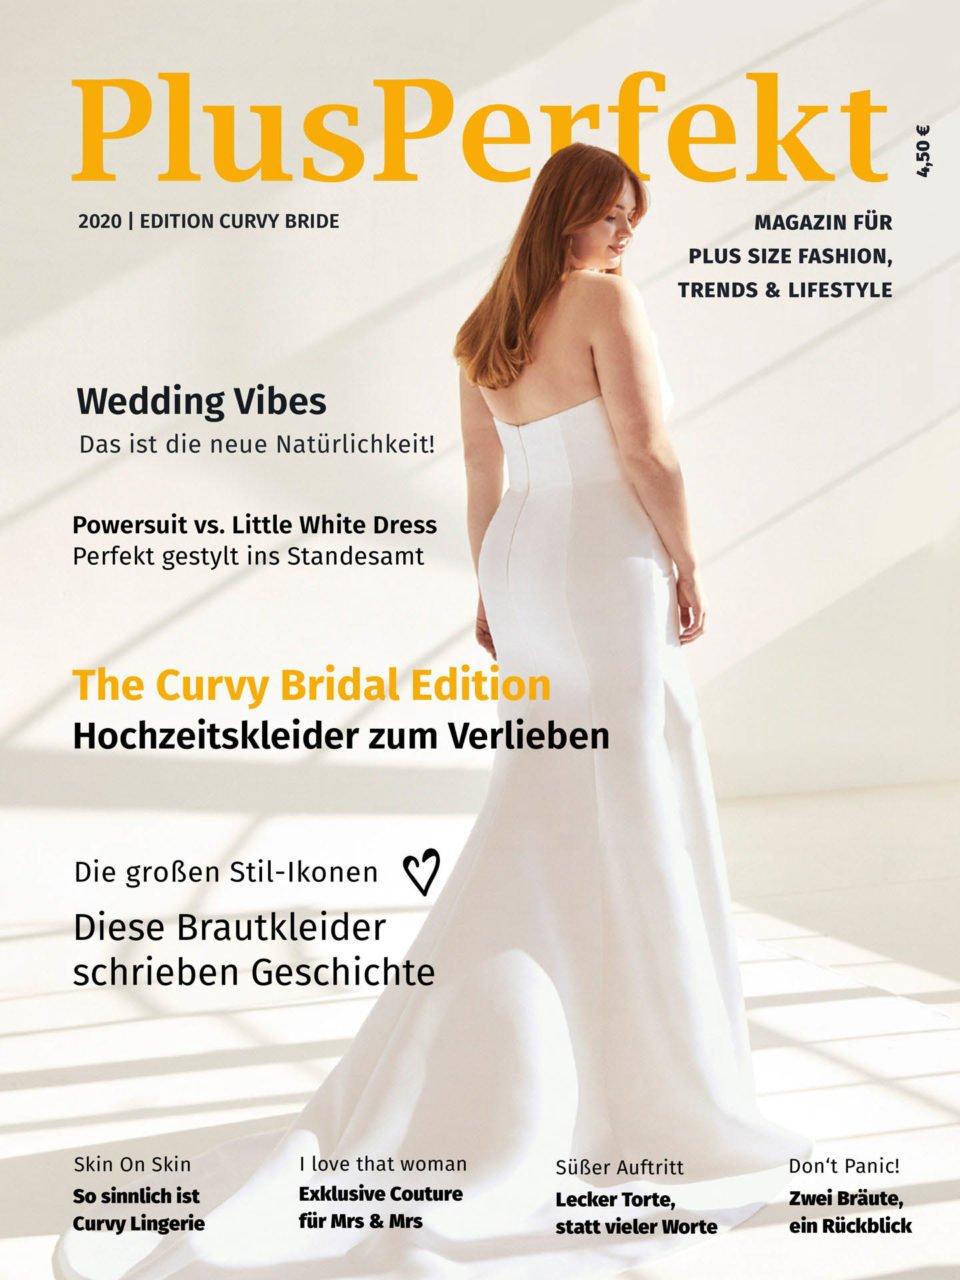 Curvy Bride Edition von PlusPerfekt